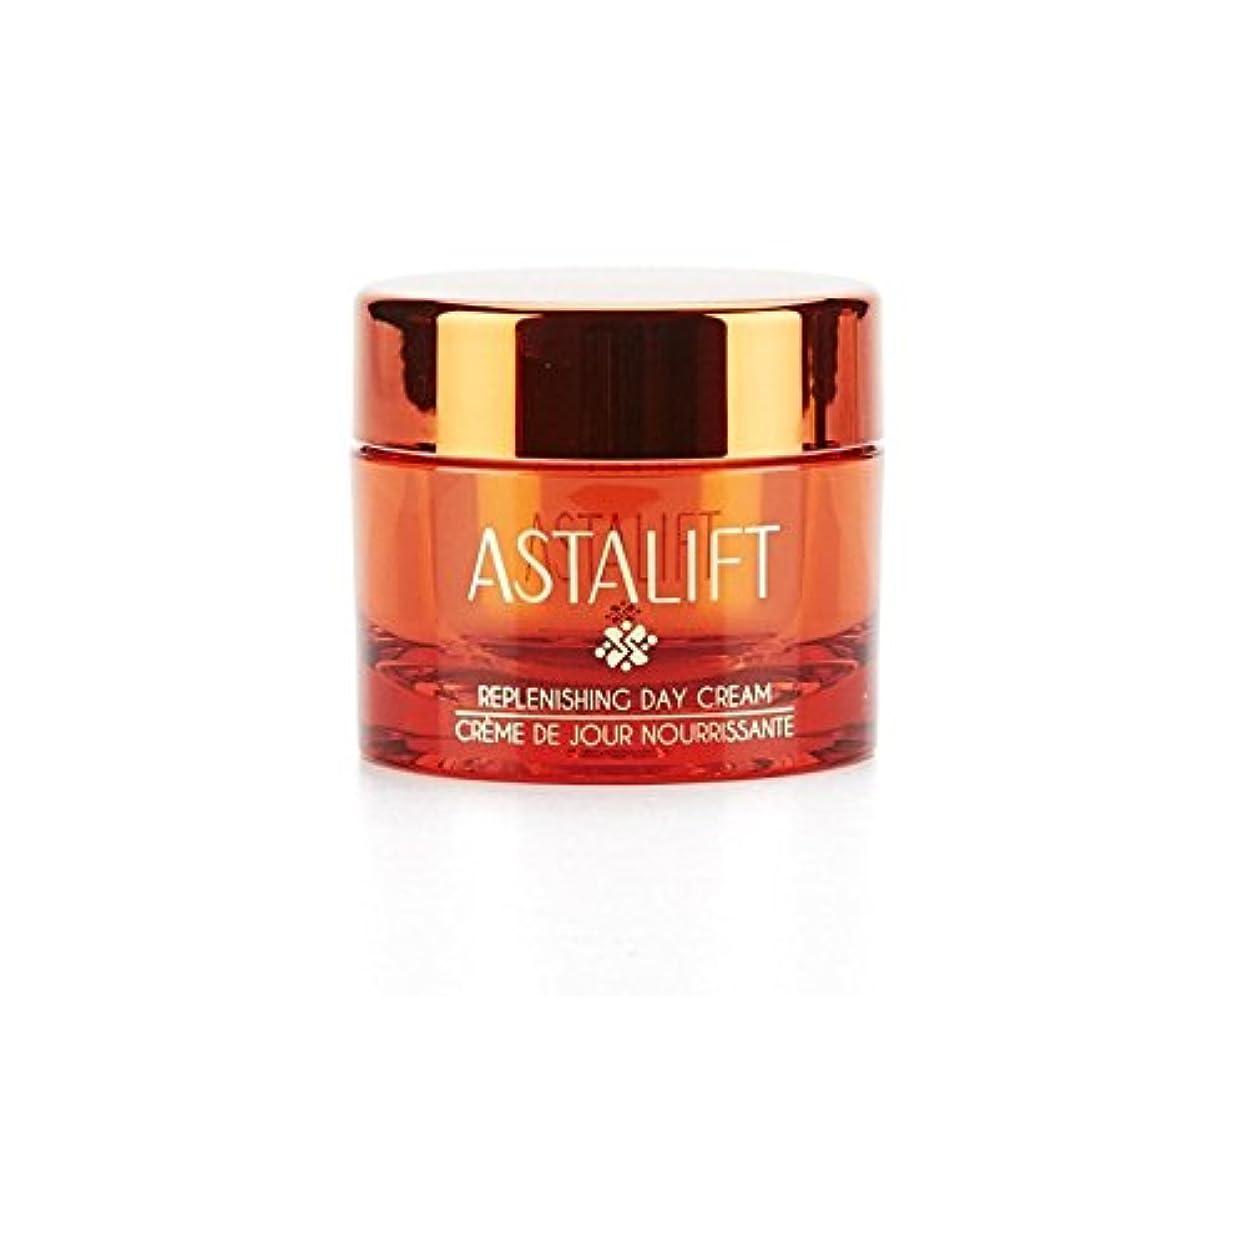 すでに強調する遺伝的アスタリフト補充デイクリーム(30グラム) x2 - Astalift Replenishing Day Cream (30G) (Pack of 2) [並行輸入品]